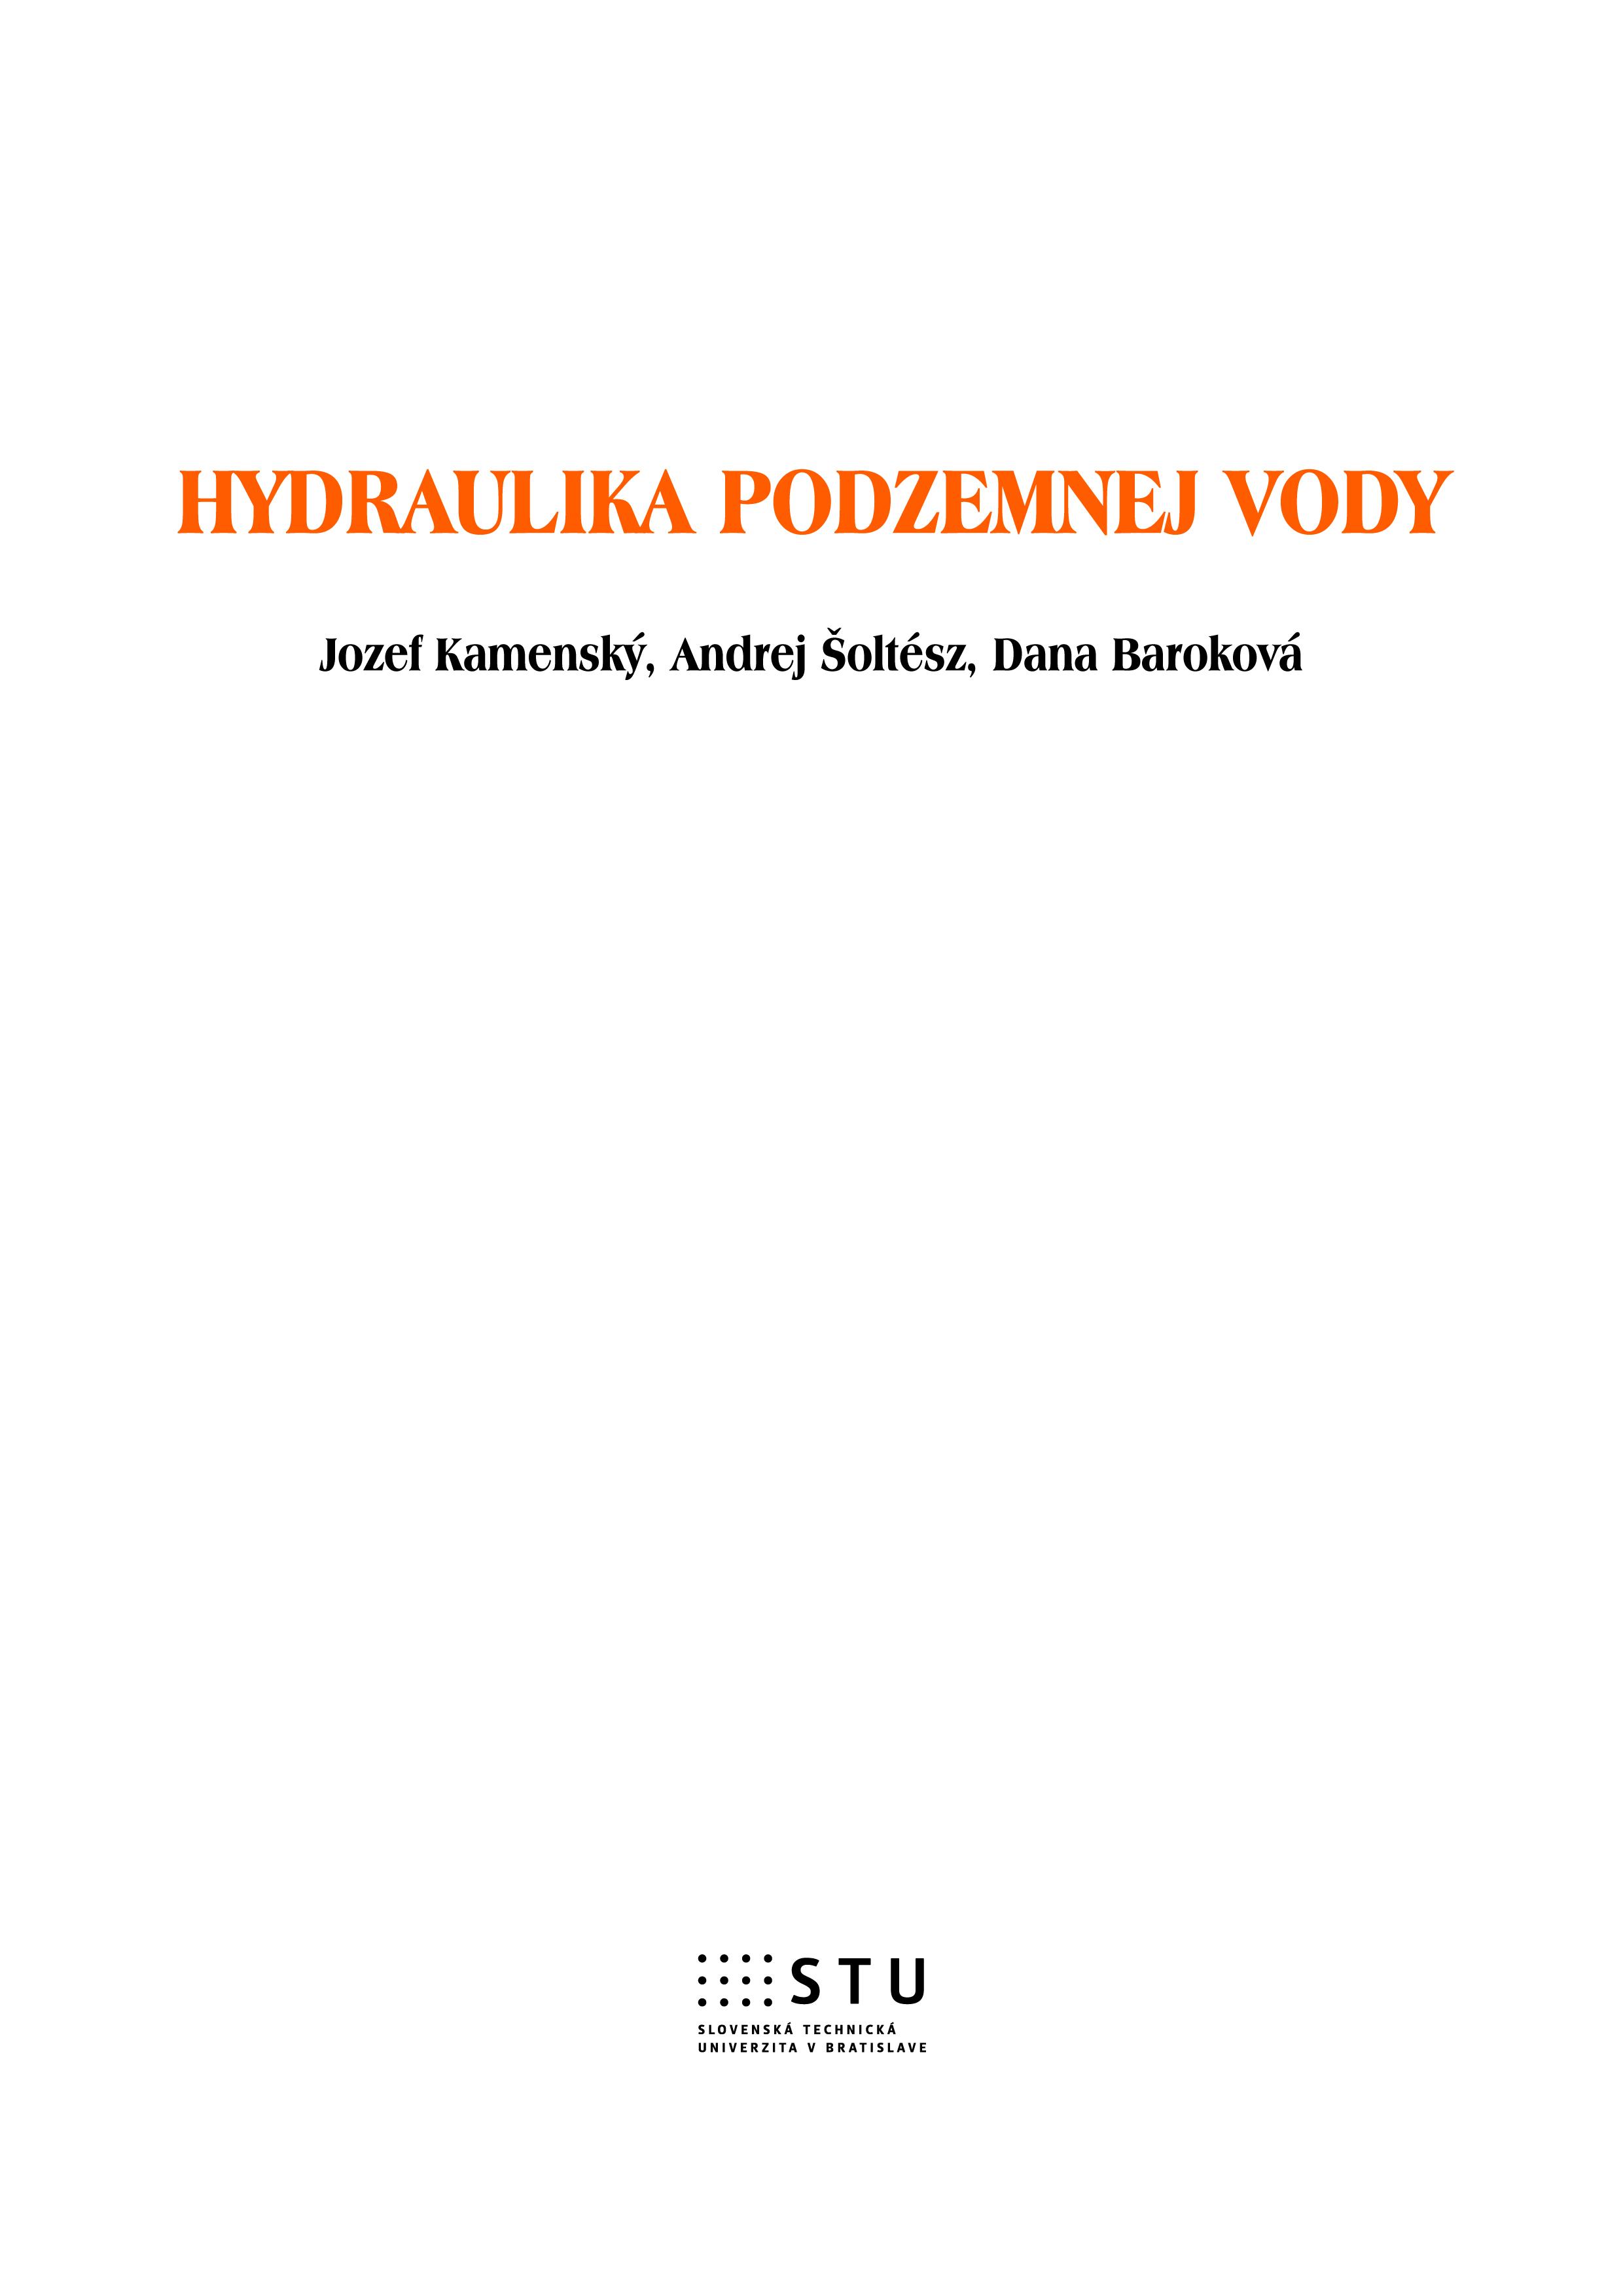 Hydraulika podzemnej vody